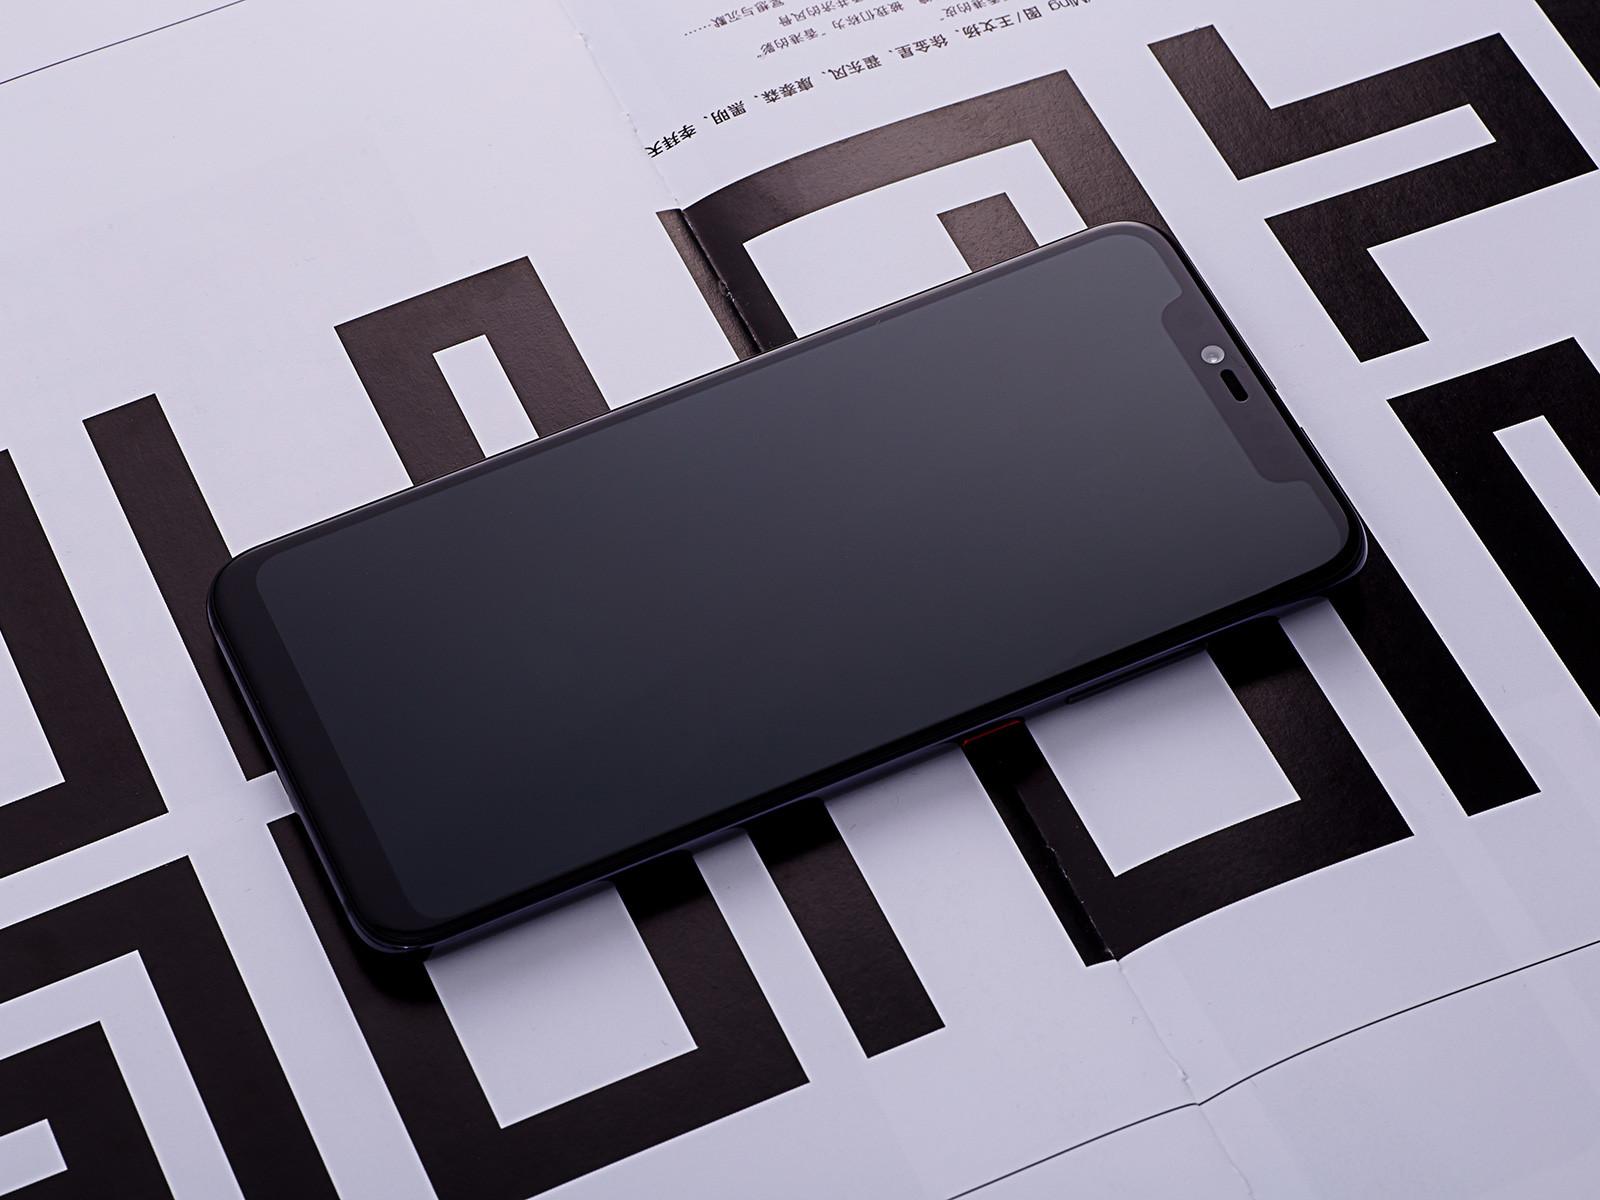 小米8透明探索版整体外观第2张